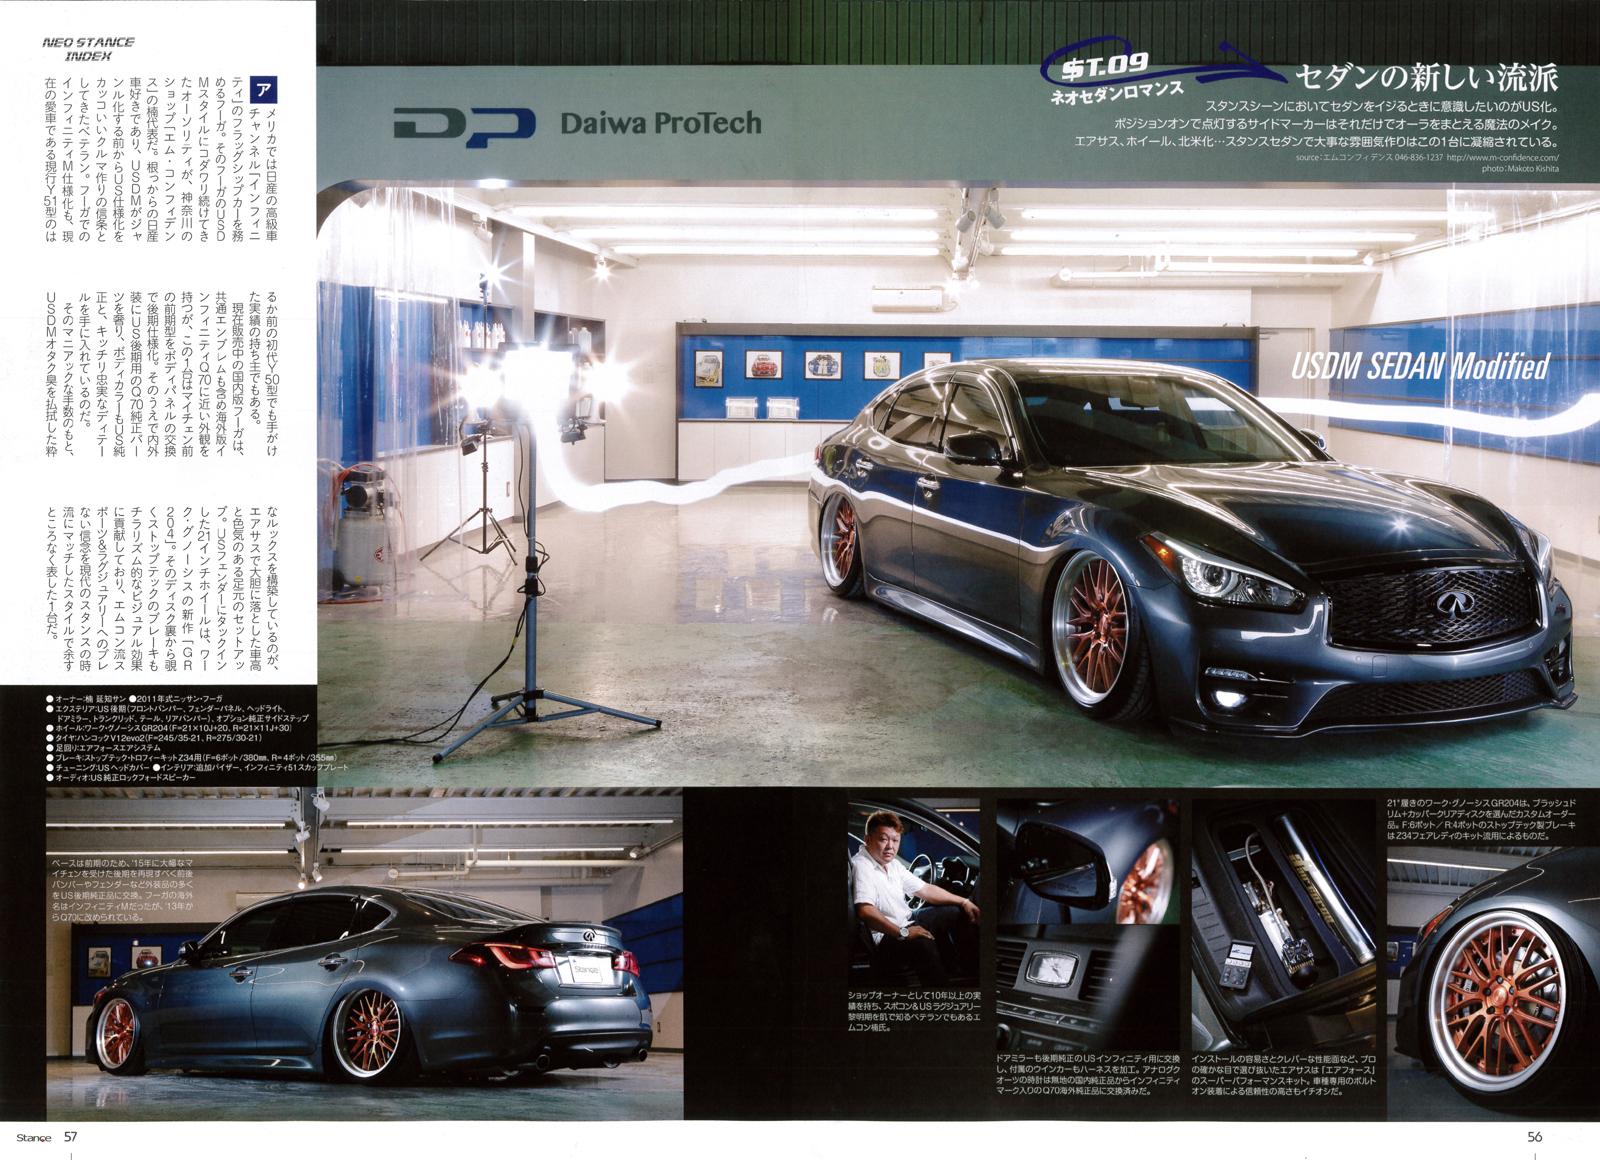 スタンスマガジン Stance Mag 掲載車 フーガ